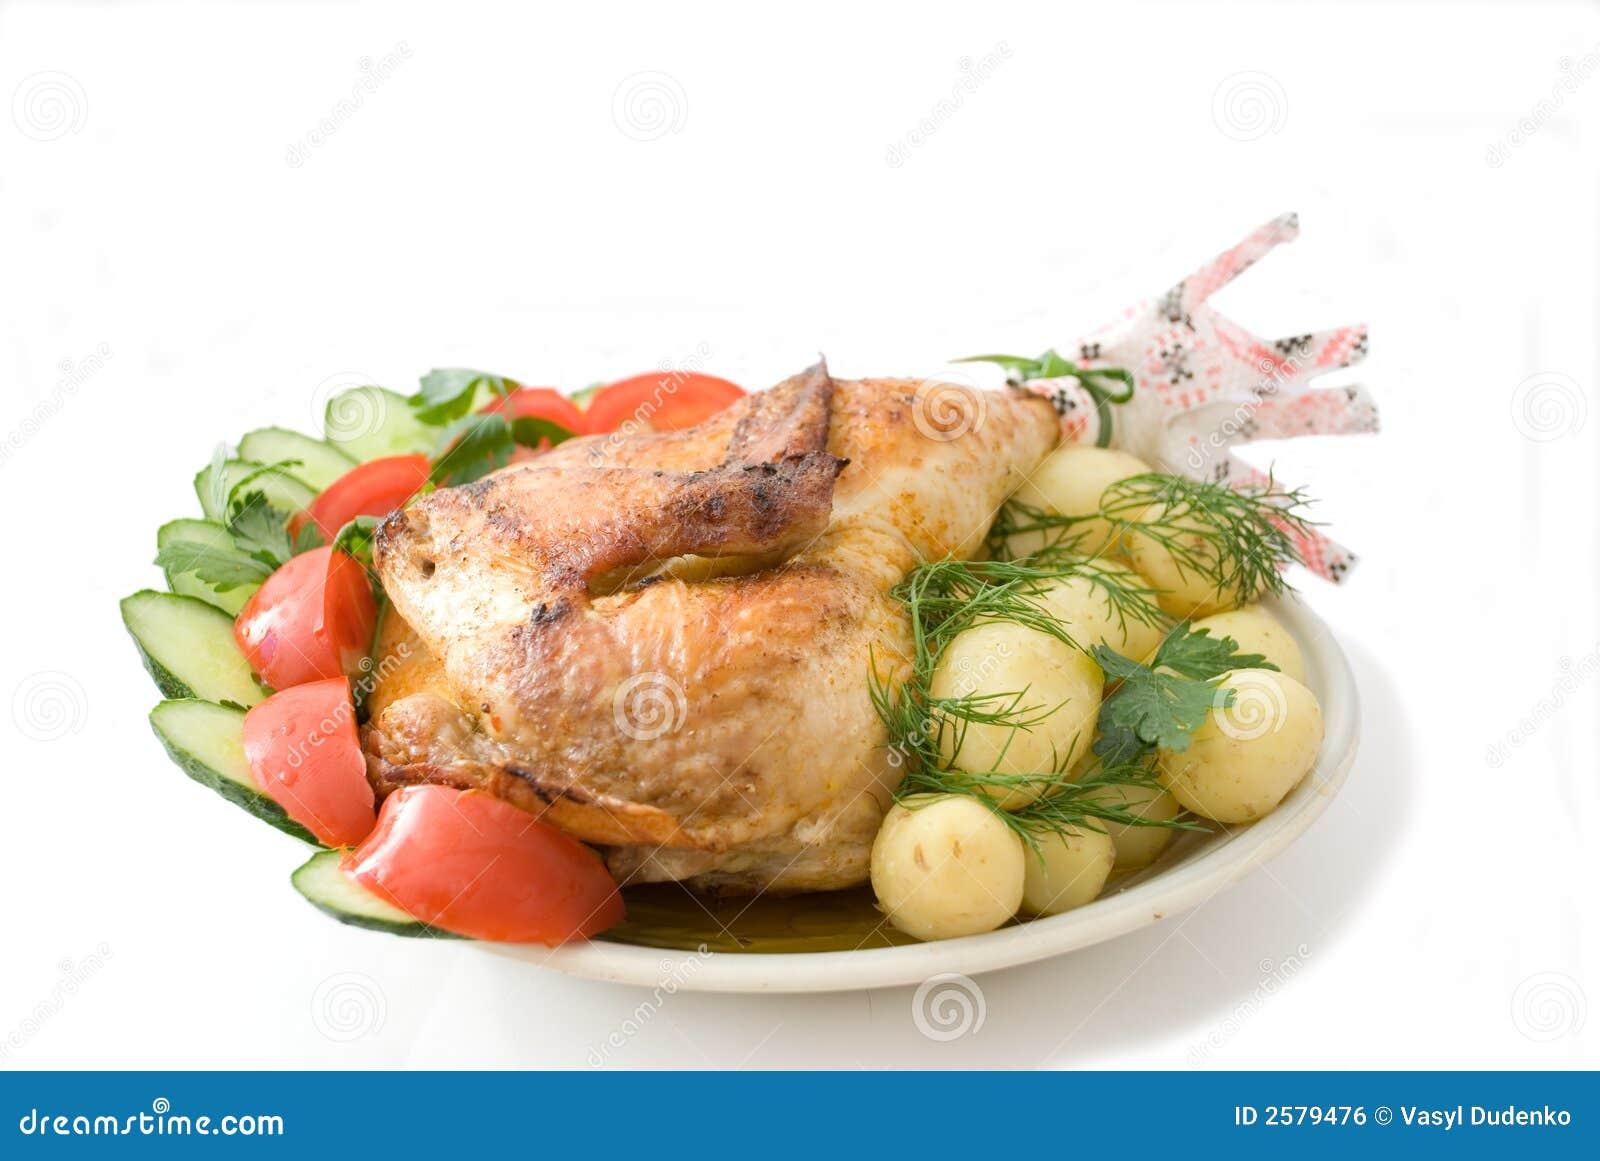 De kip van het gebraden gerecht